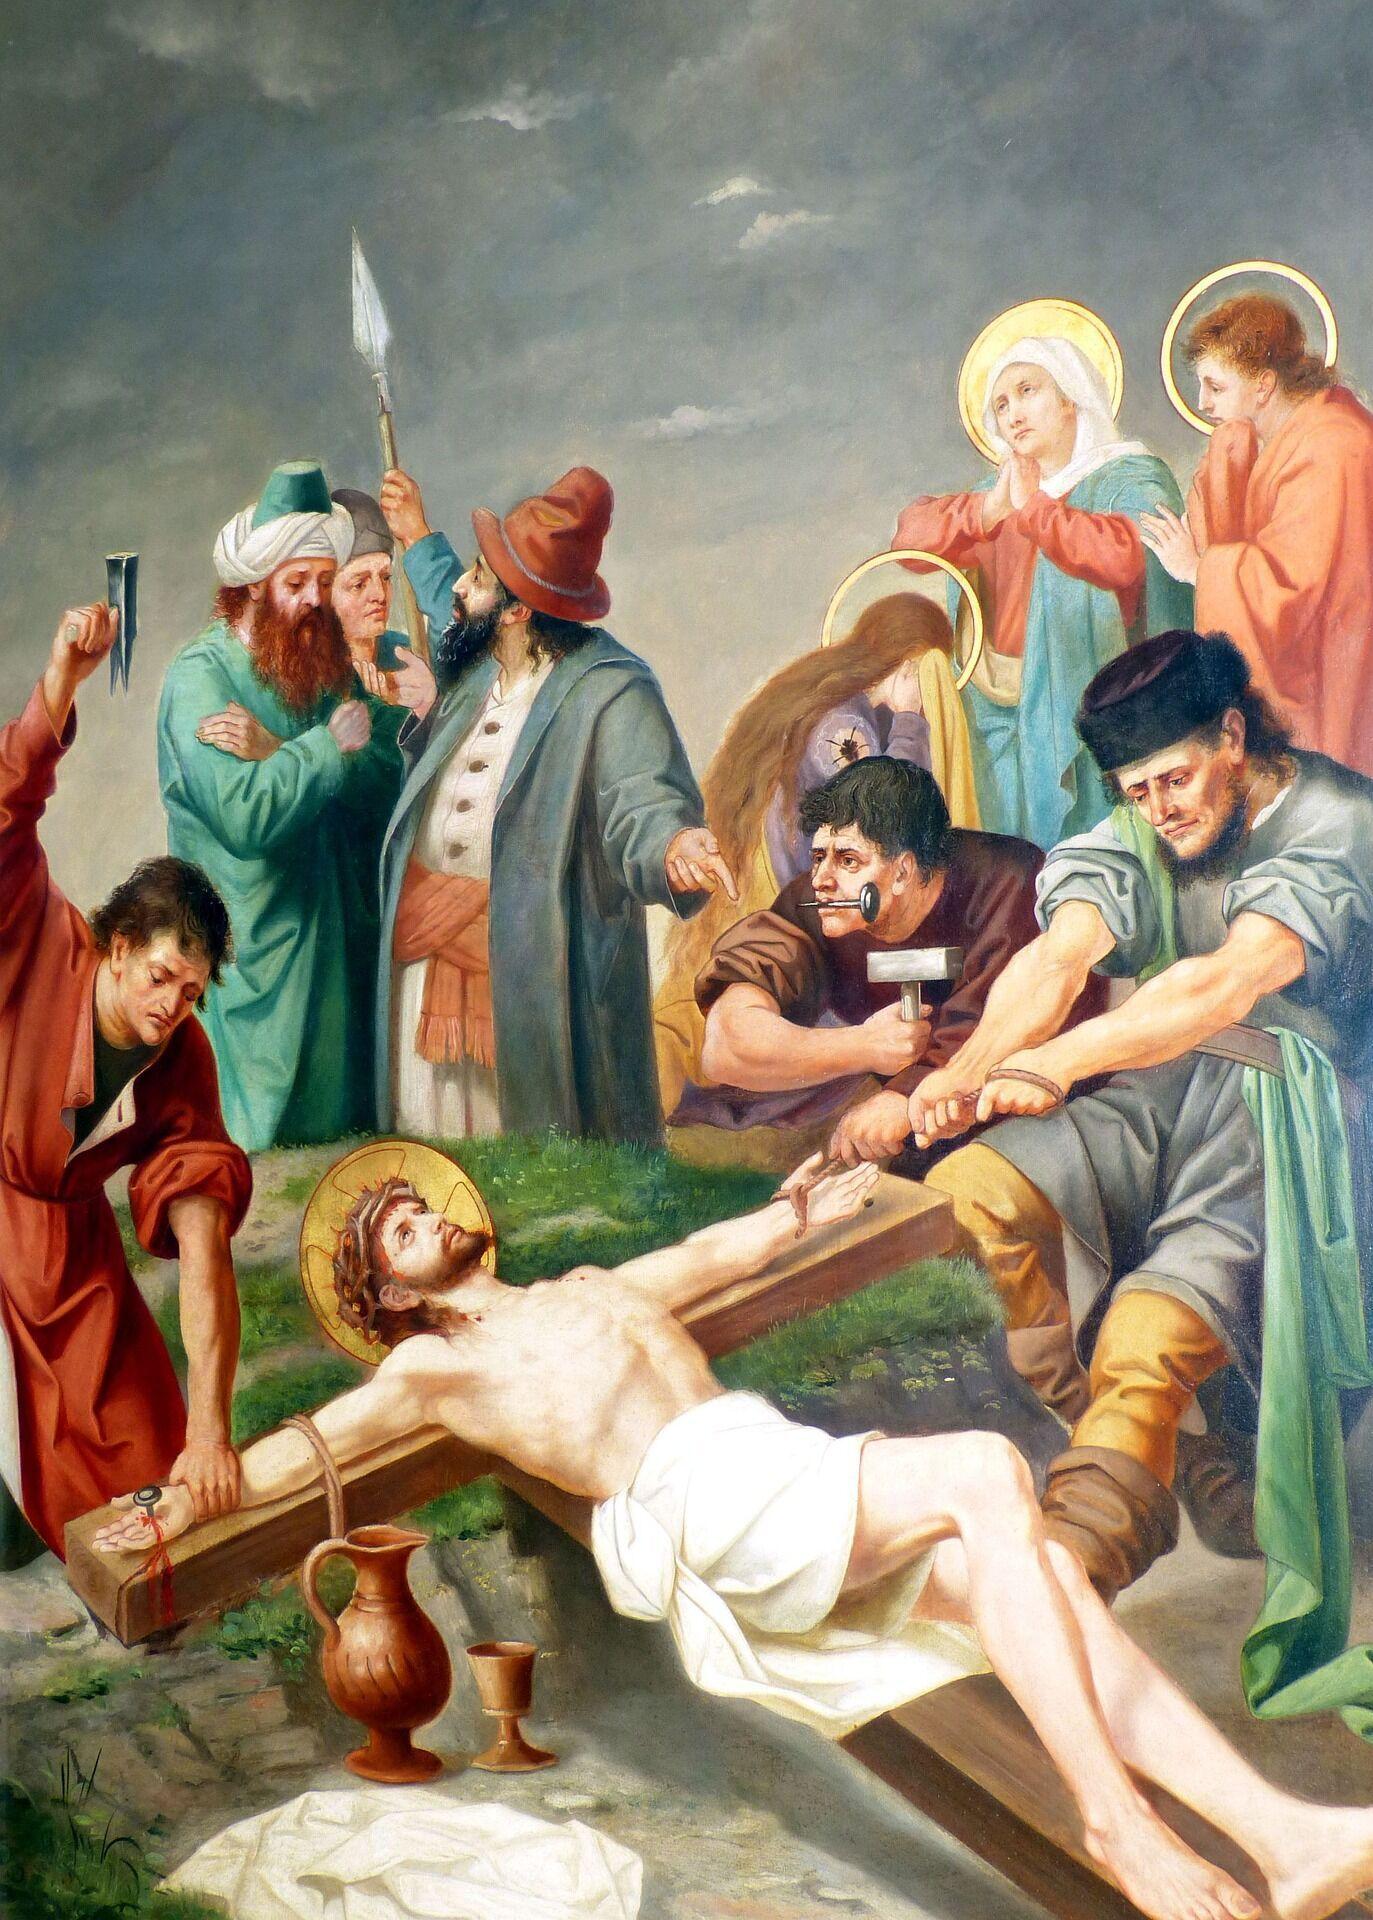 Ісус був розп'ятий у п'ятницю перед єврейським Песахом